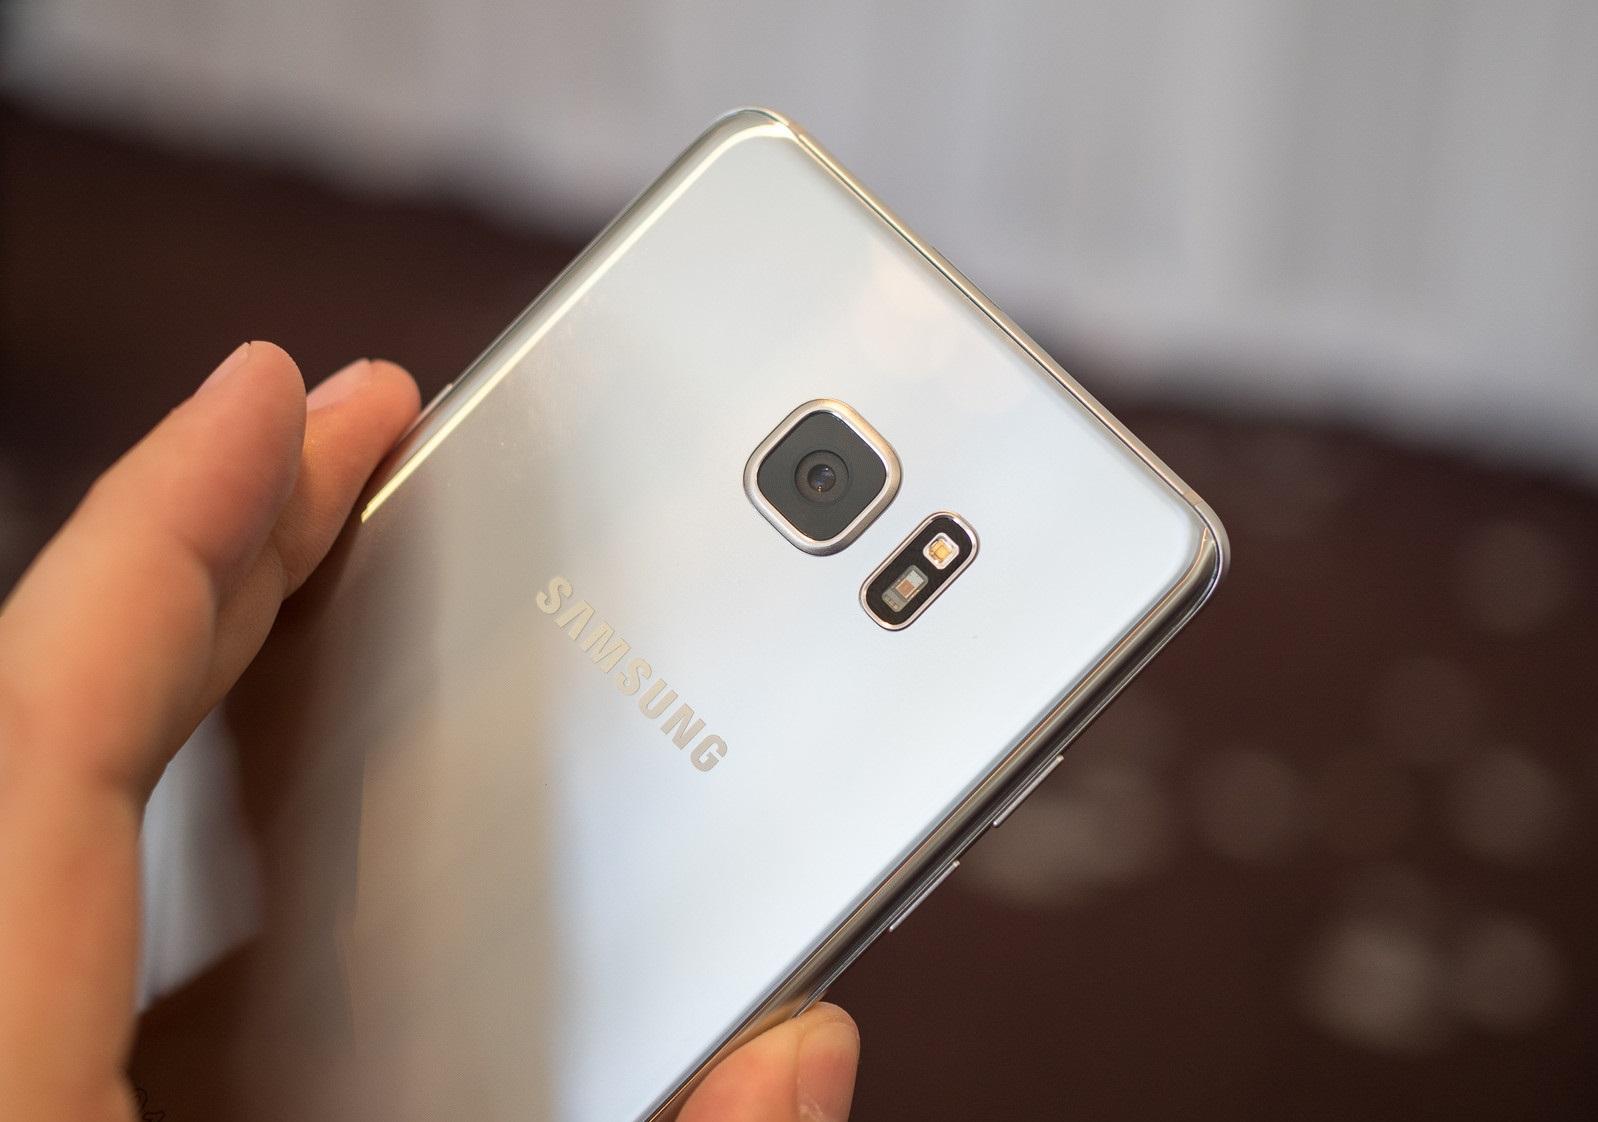 Предварительный обзор Samsung Galaxy Note 7 - дизайн